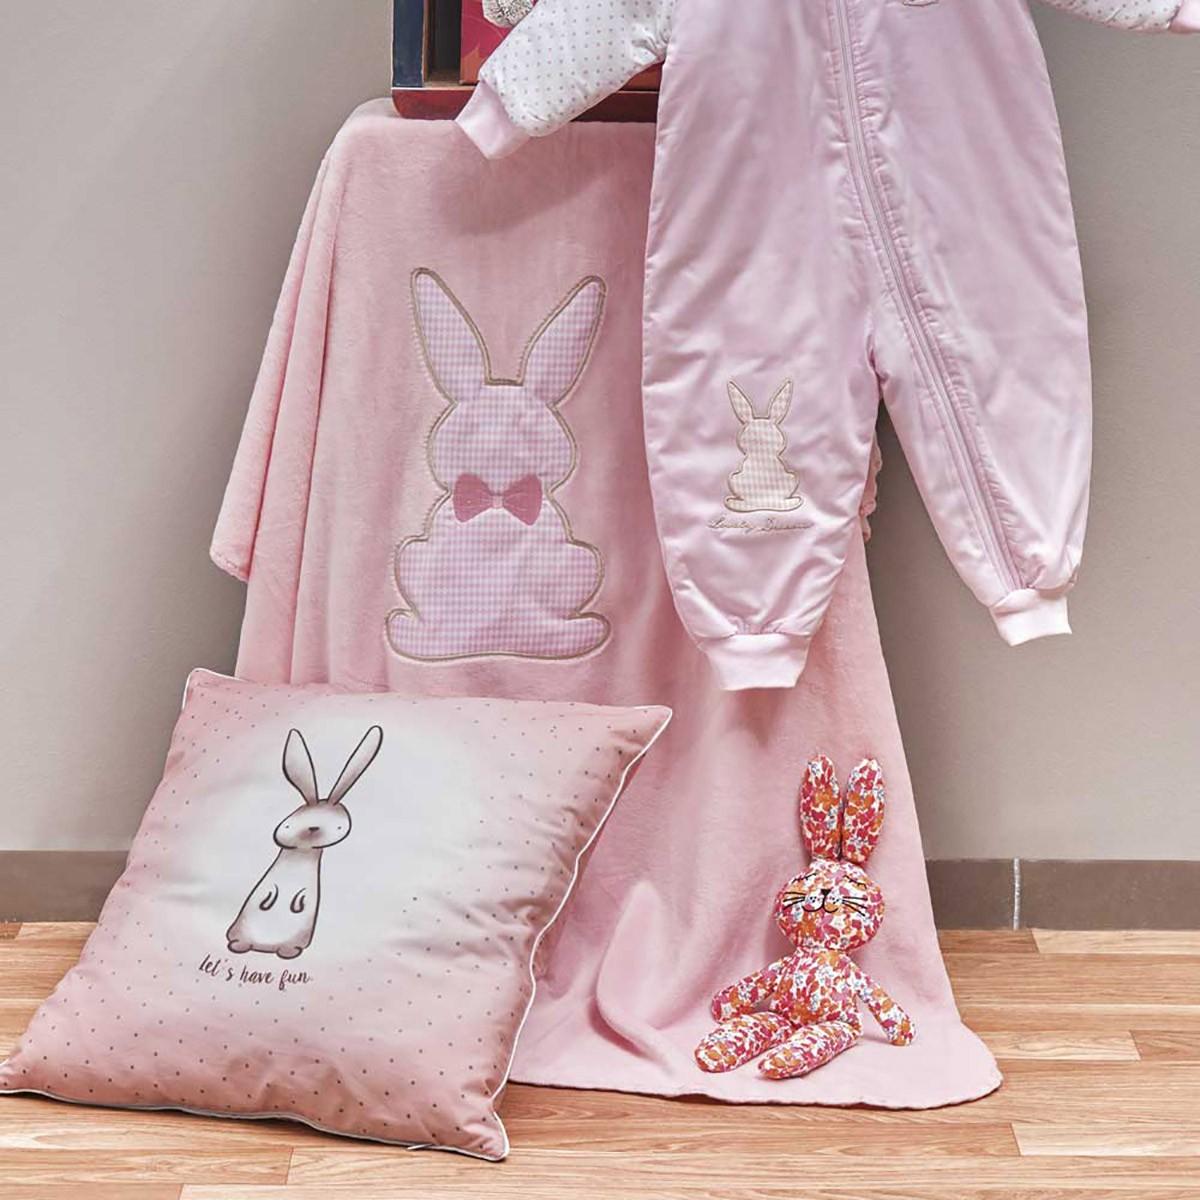 Κουβέρτα Βελουτέ Κούνιας Kentia Baby Rabbit 14